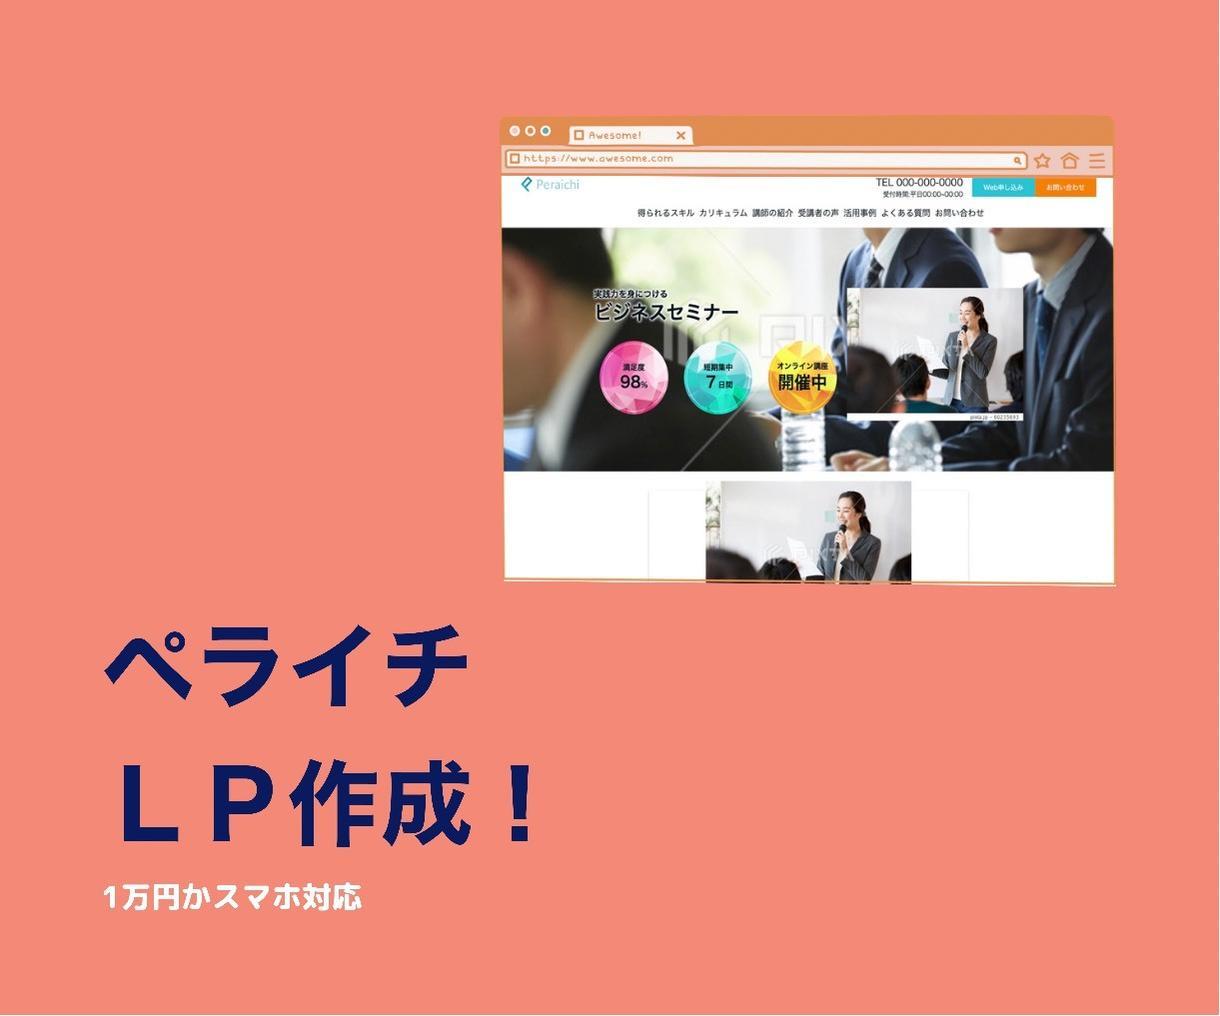 ペライチでLP制作いたします お試しキャンペーンにつき1万円から!! イメージ1